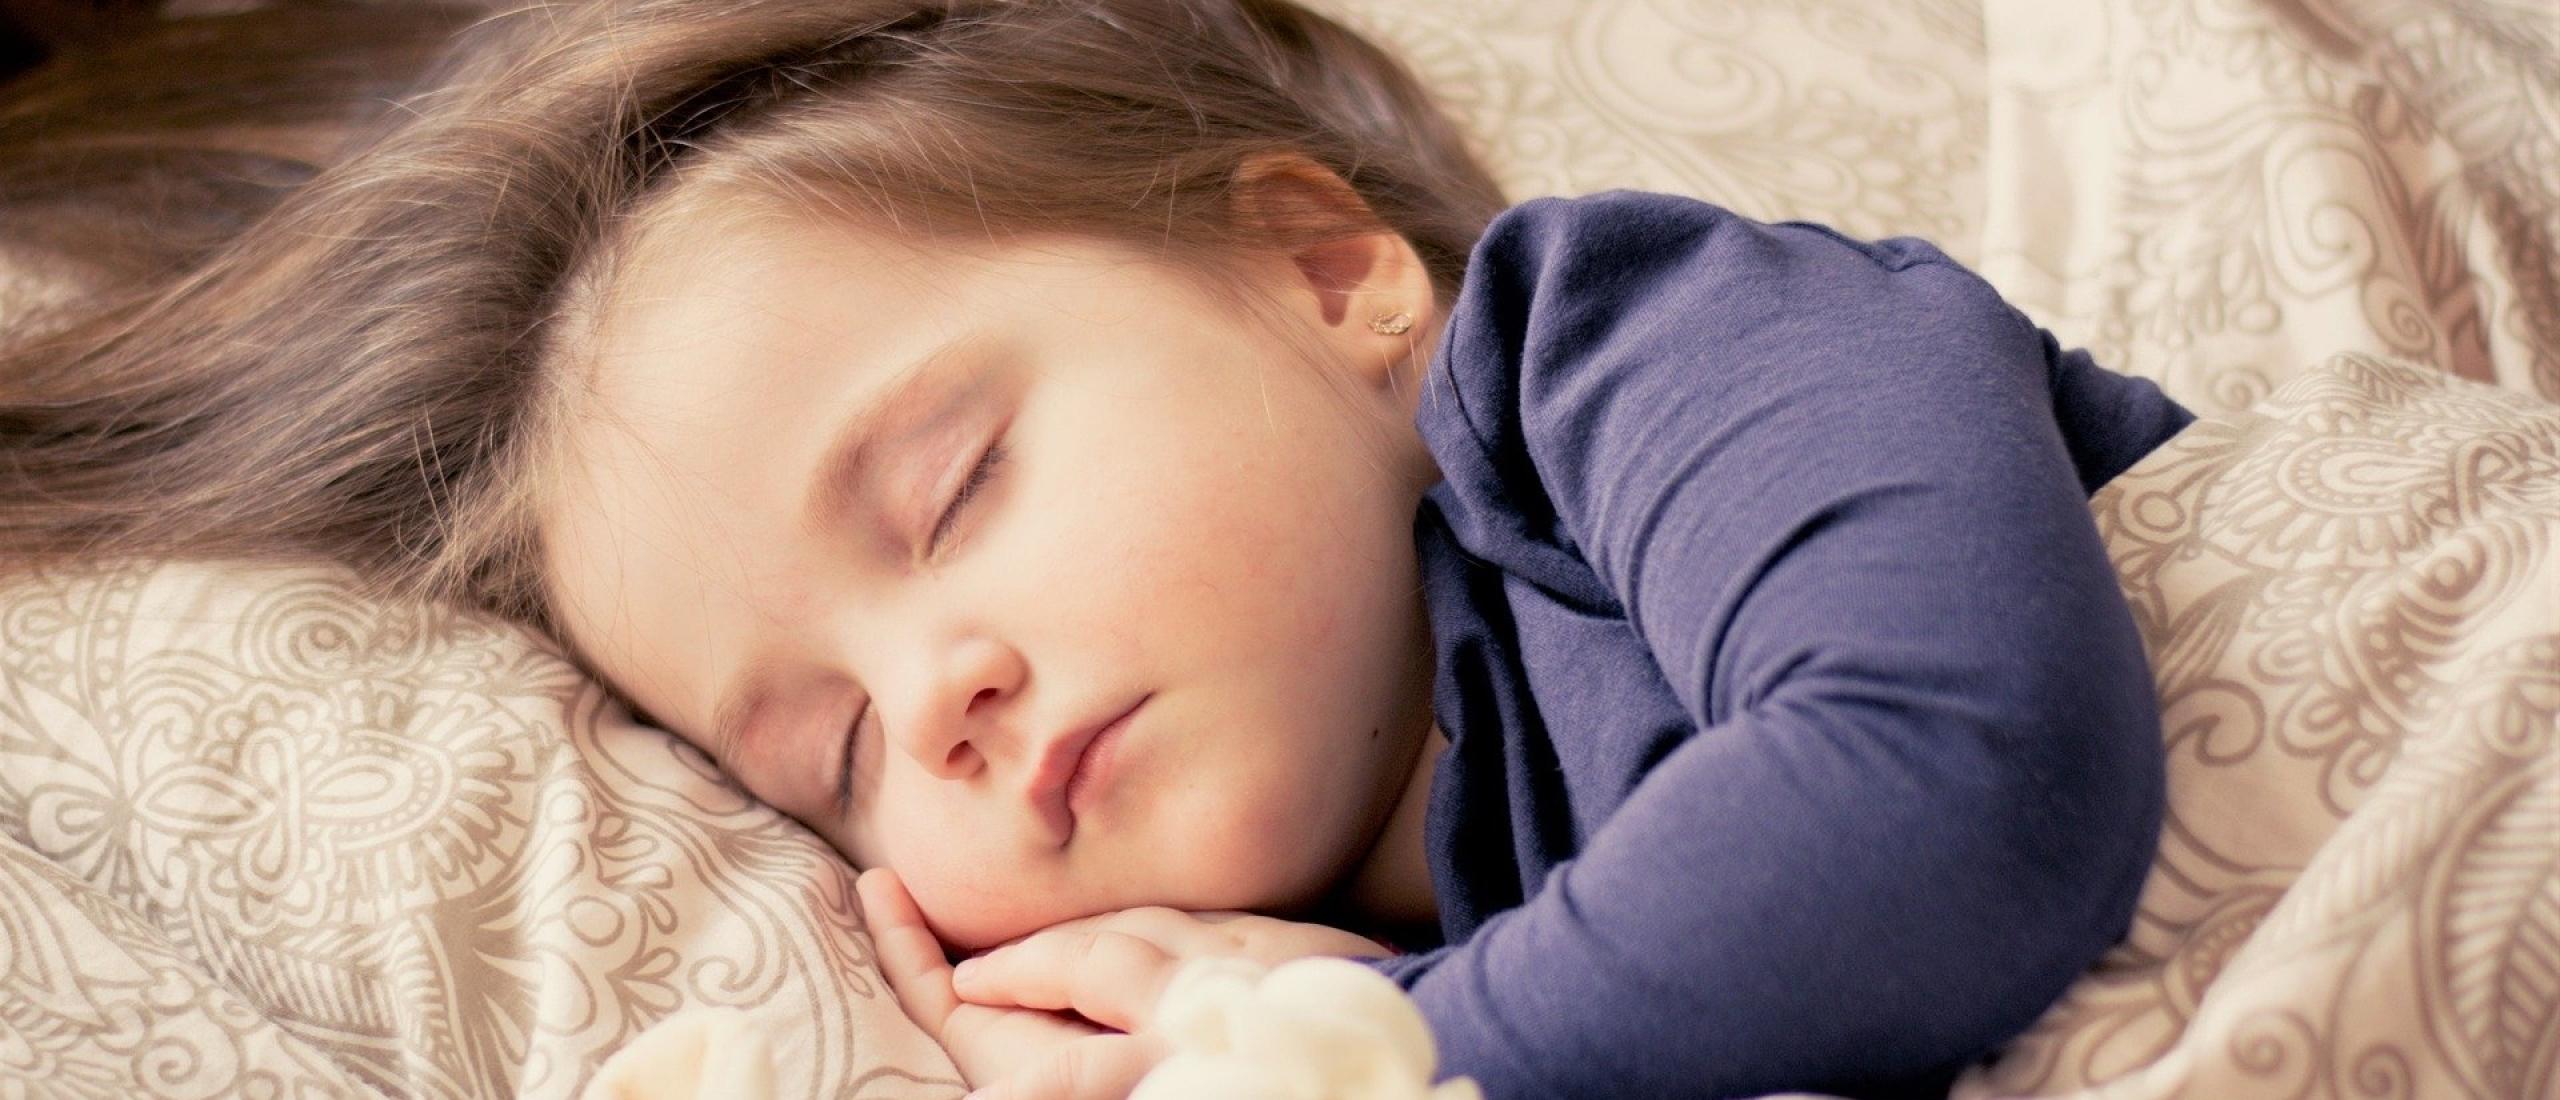 Dromen van Slapen?